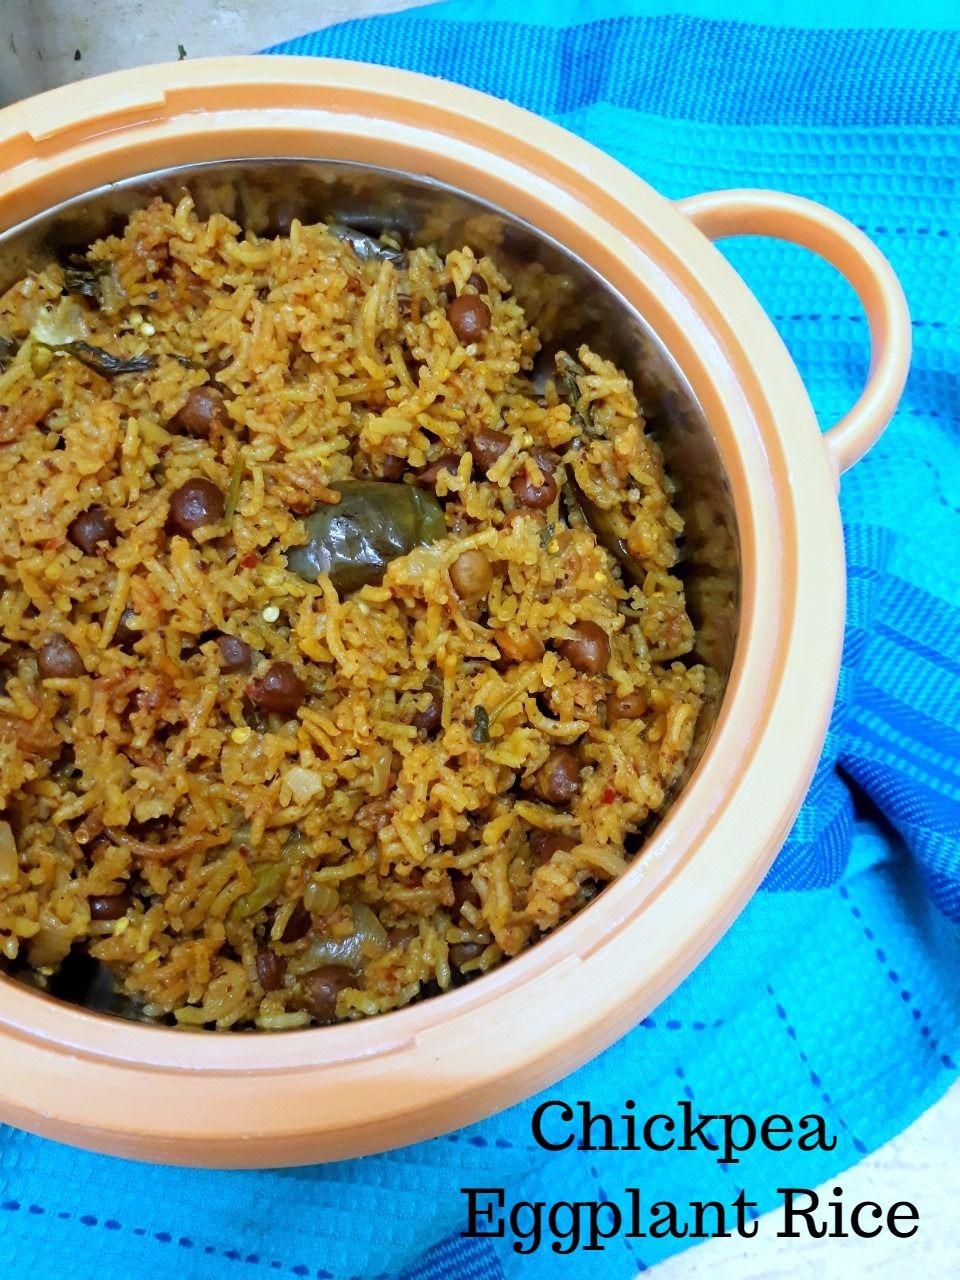 Chickpea Eggplant Rice